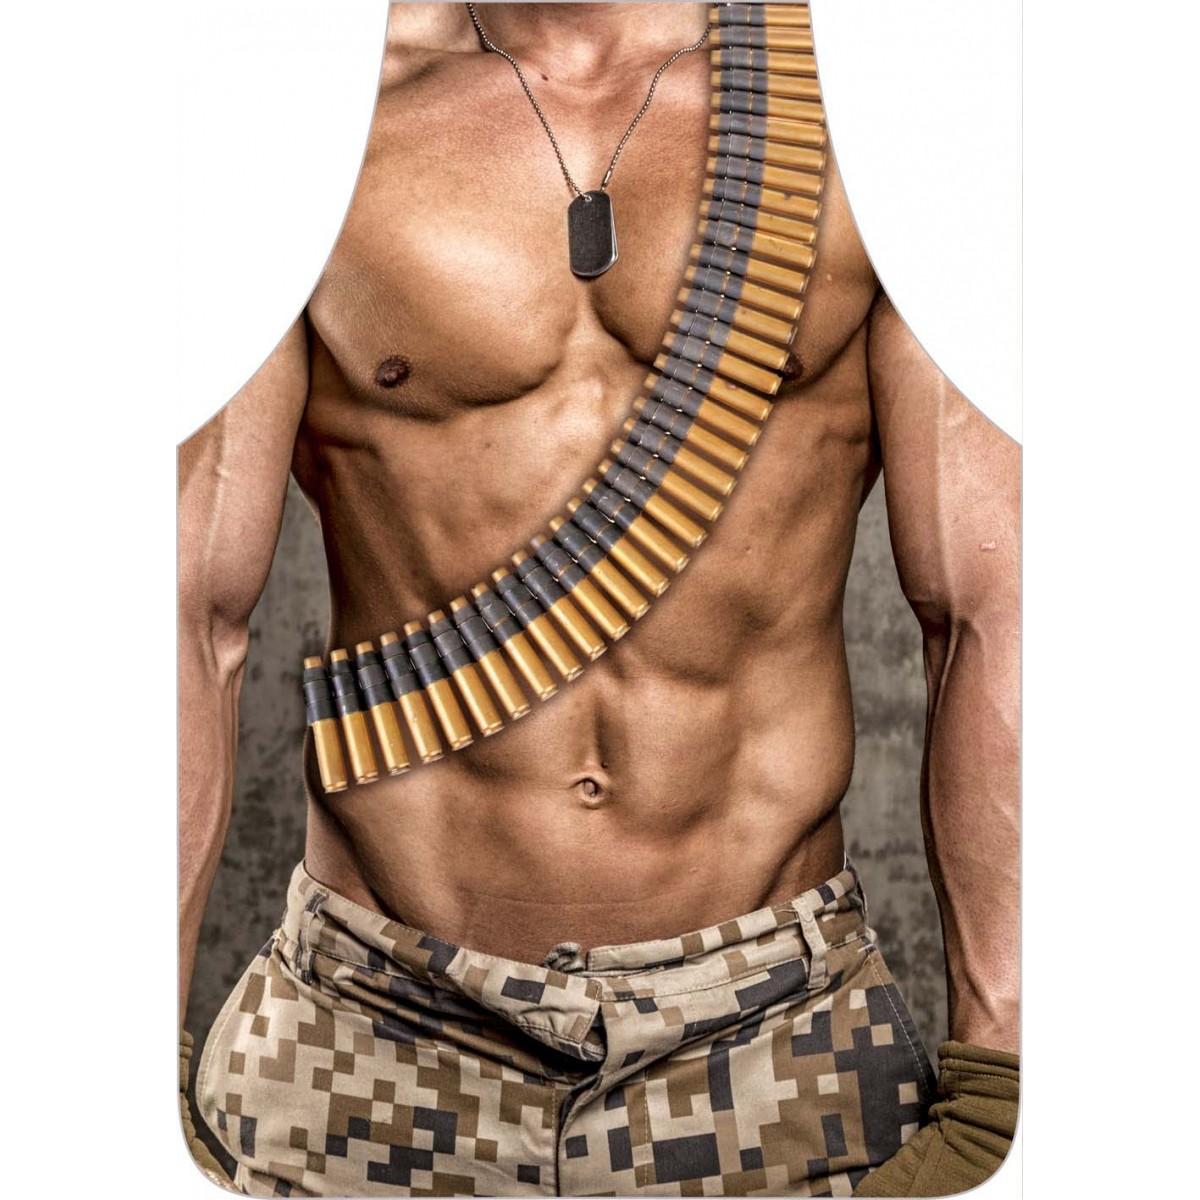 Avental Divertido E Personalizado: Militar  - RECANTO DA COSTURA